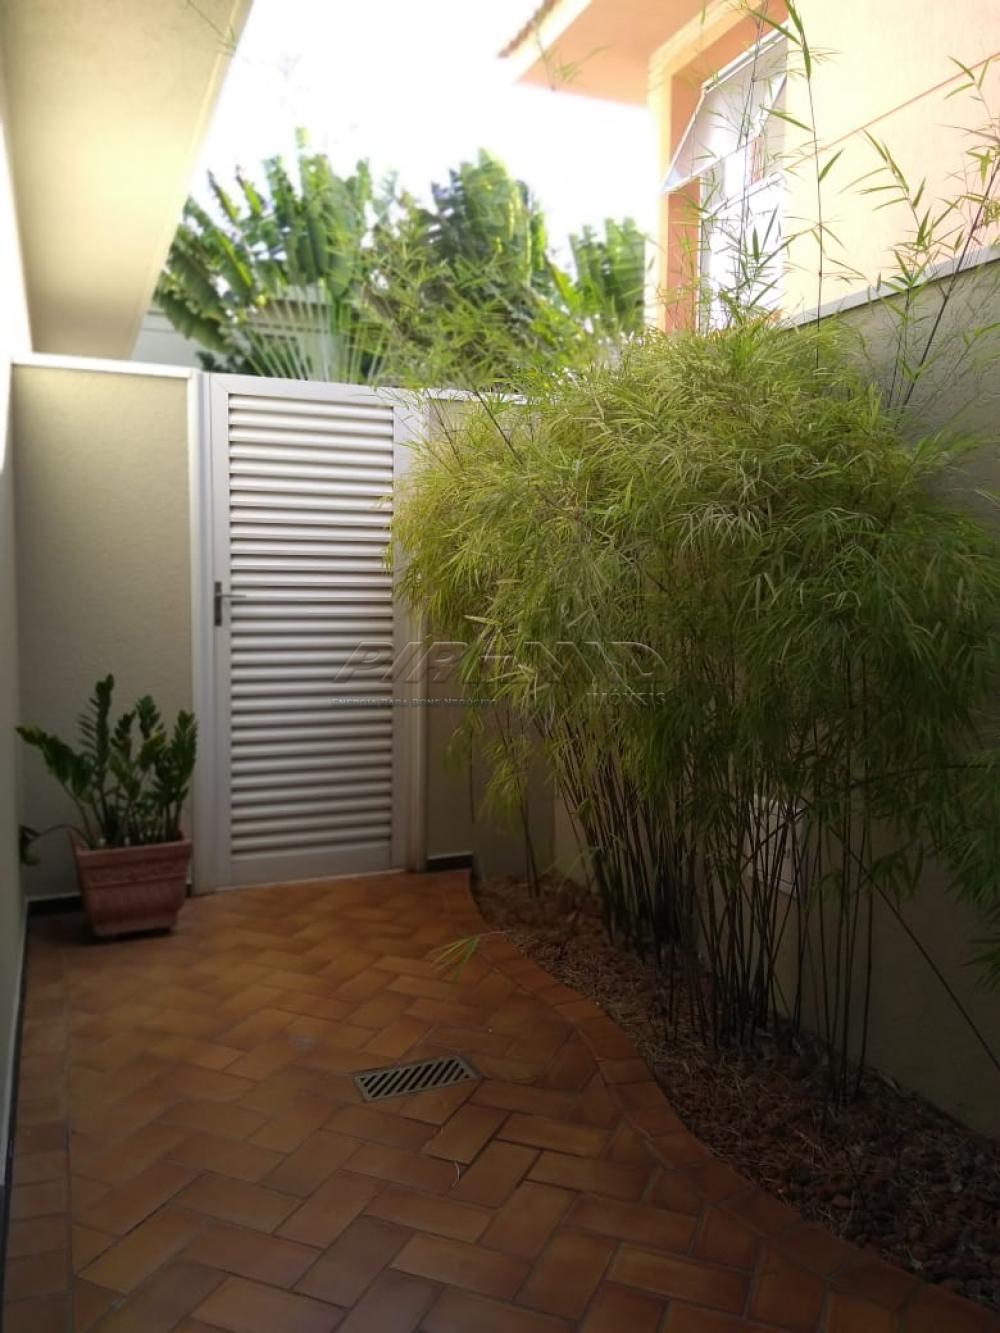 Comprar Casa / Condomínio em Ribeirão Preto R$ 2.330.000,00 - Foto 6